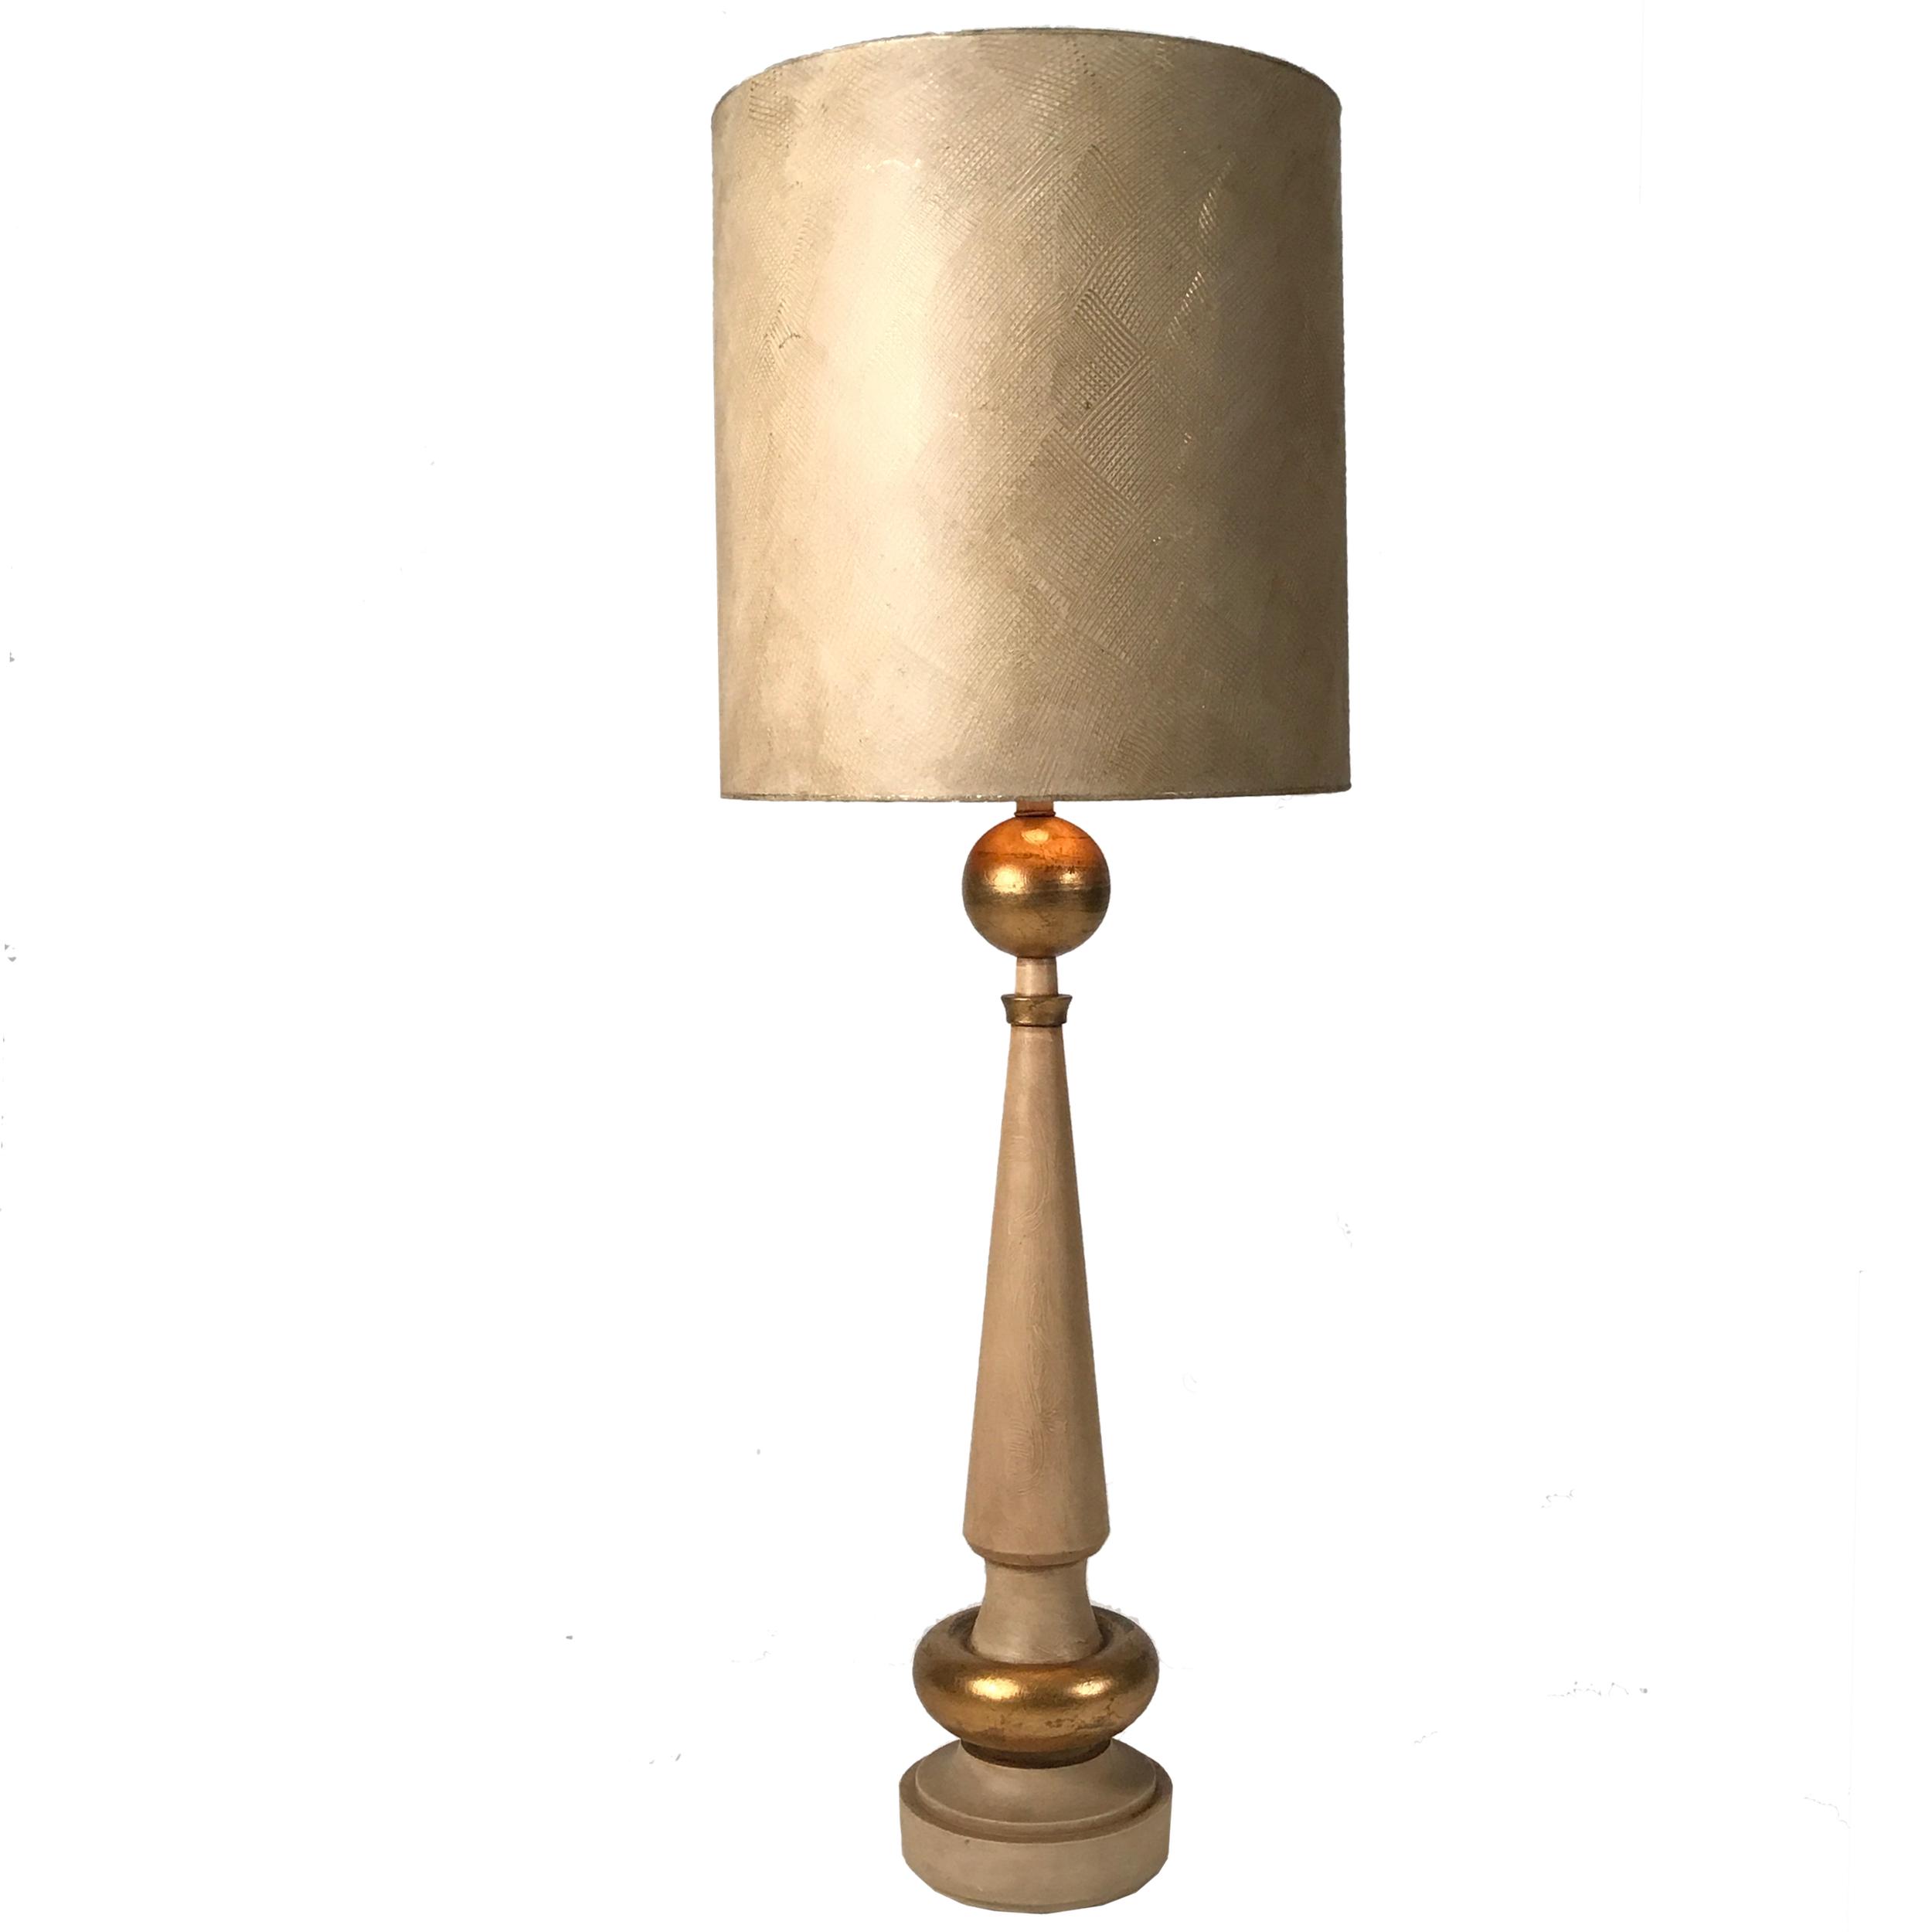 parzlamp1